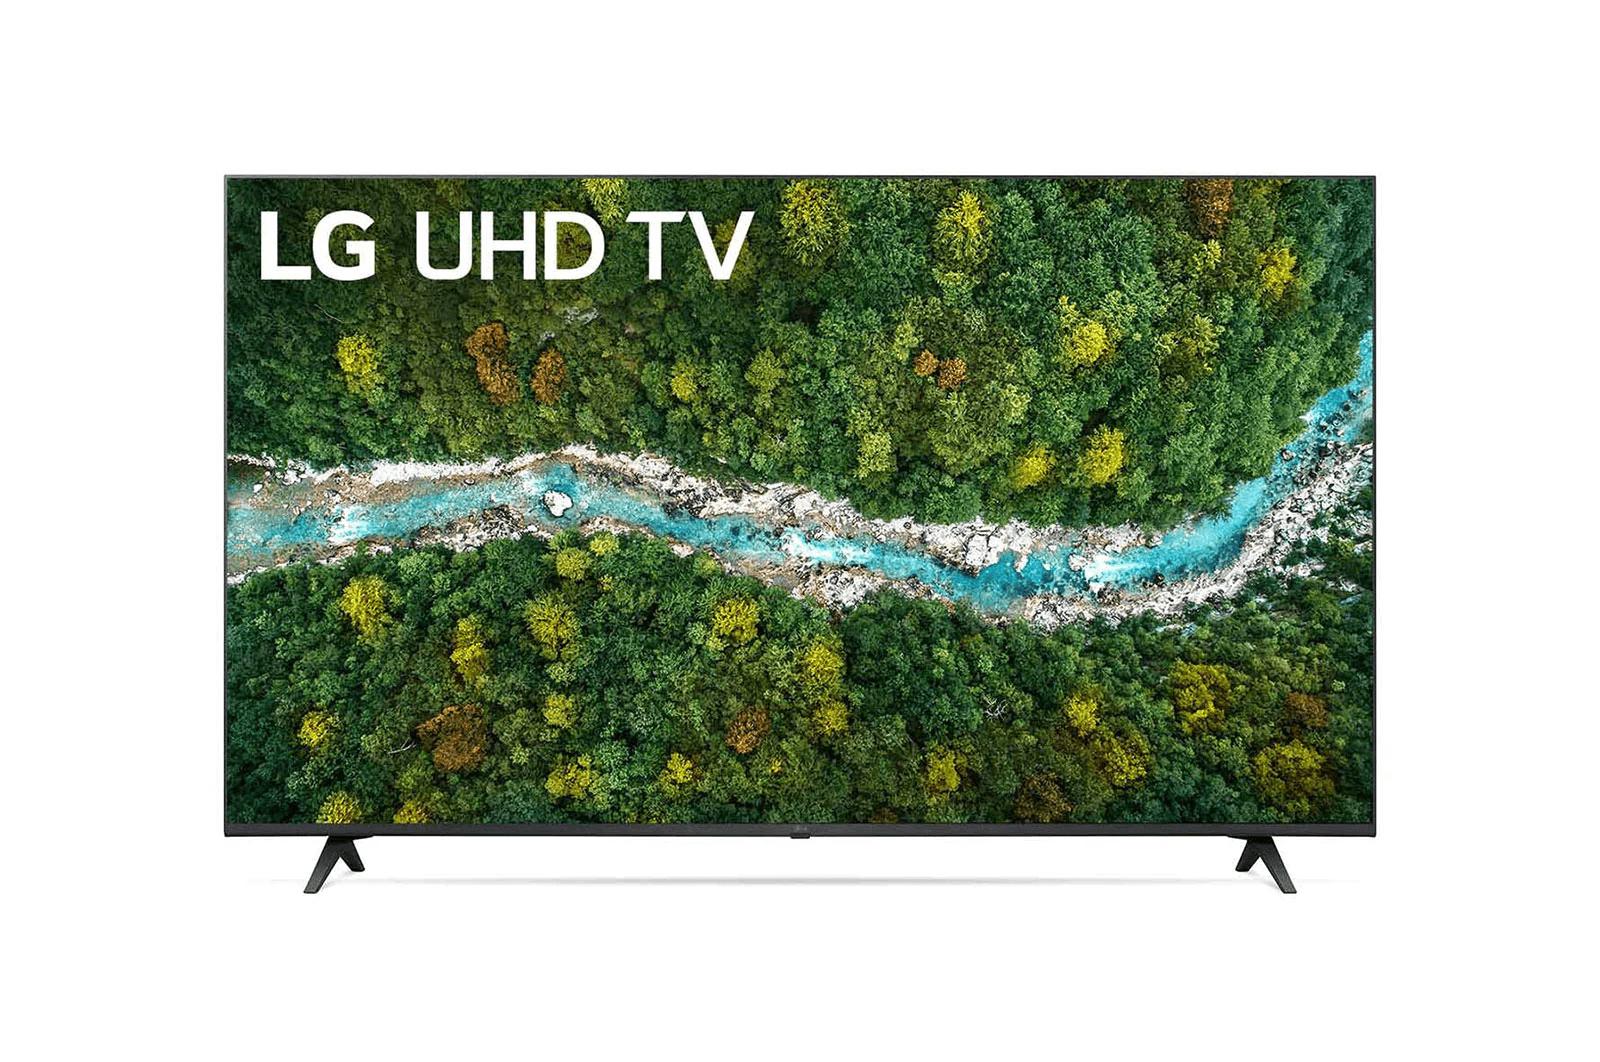 LG - LED TV 65UP7750PTB